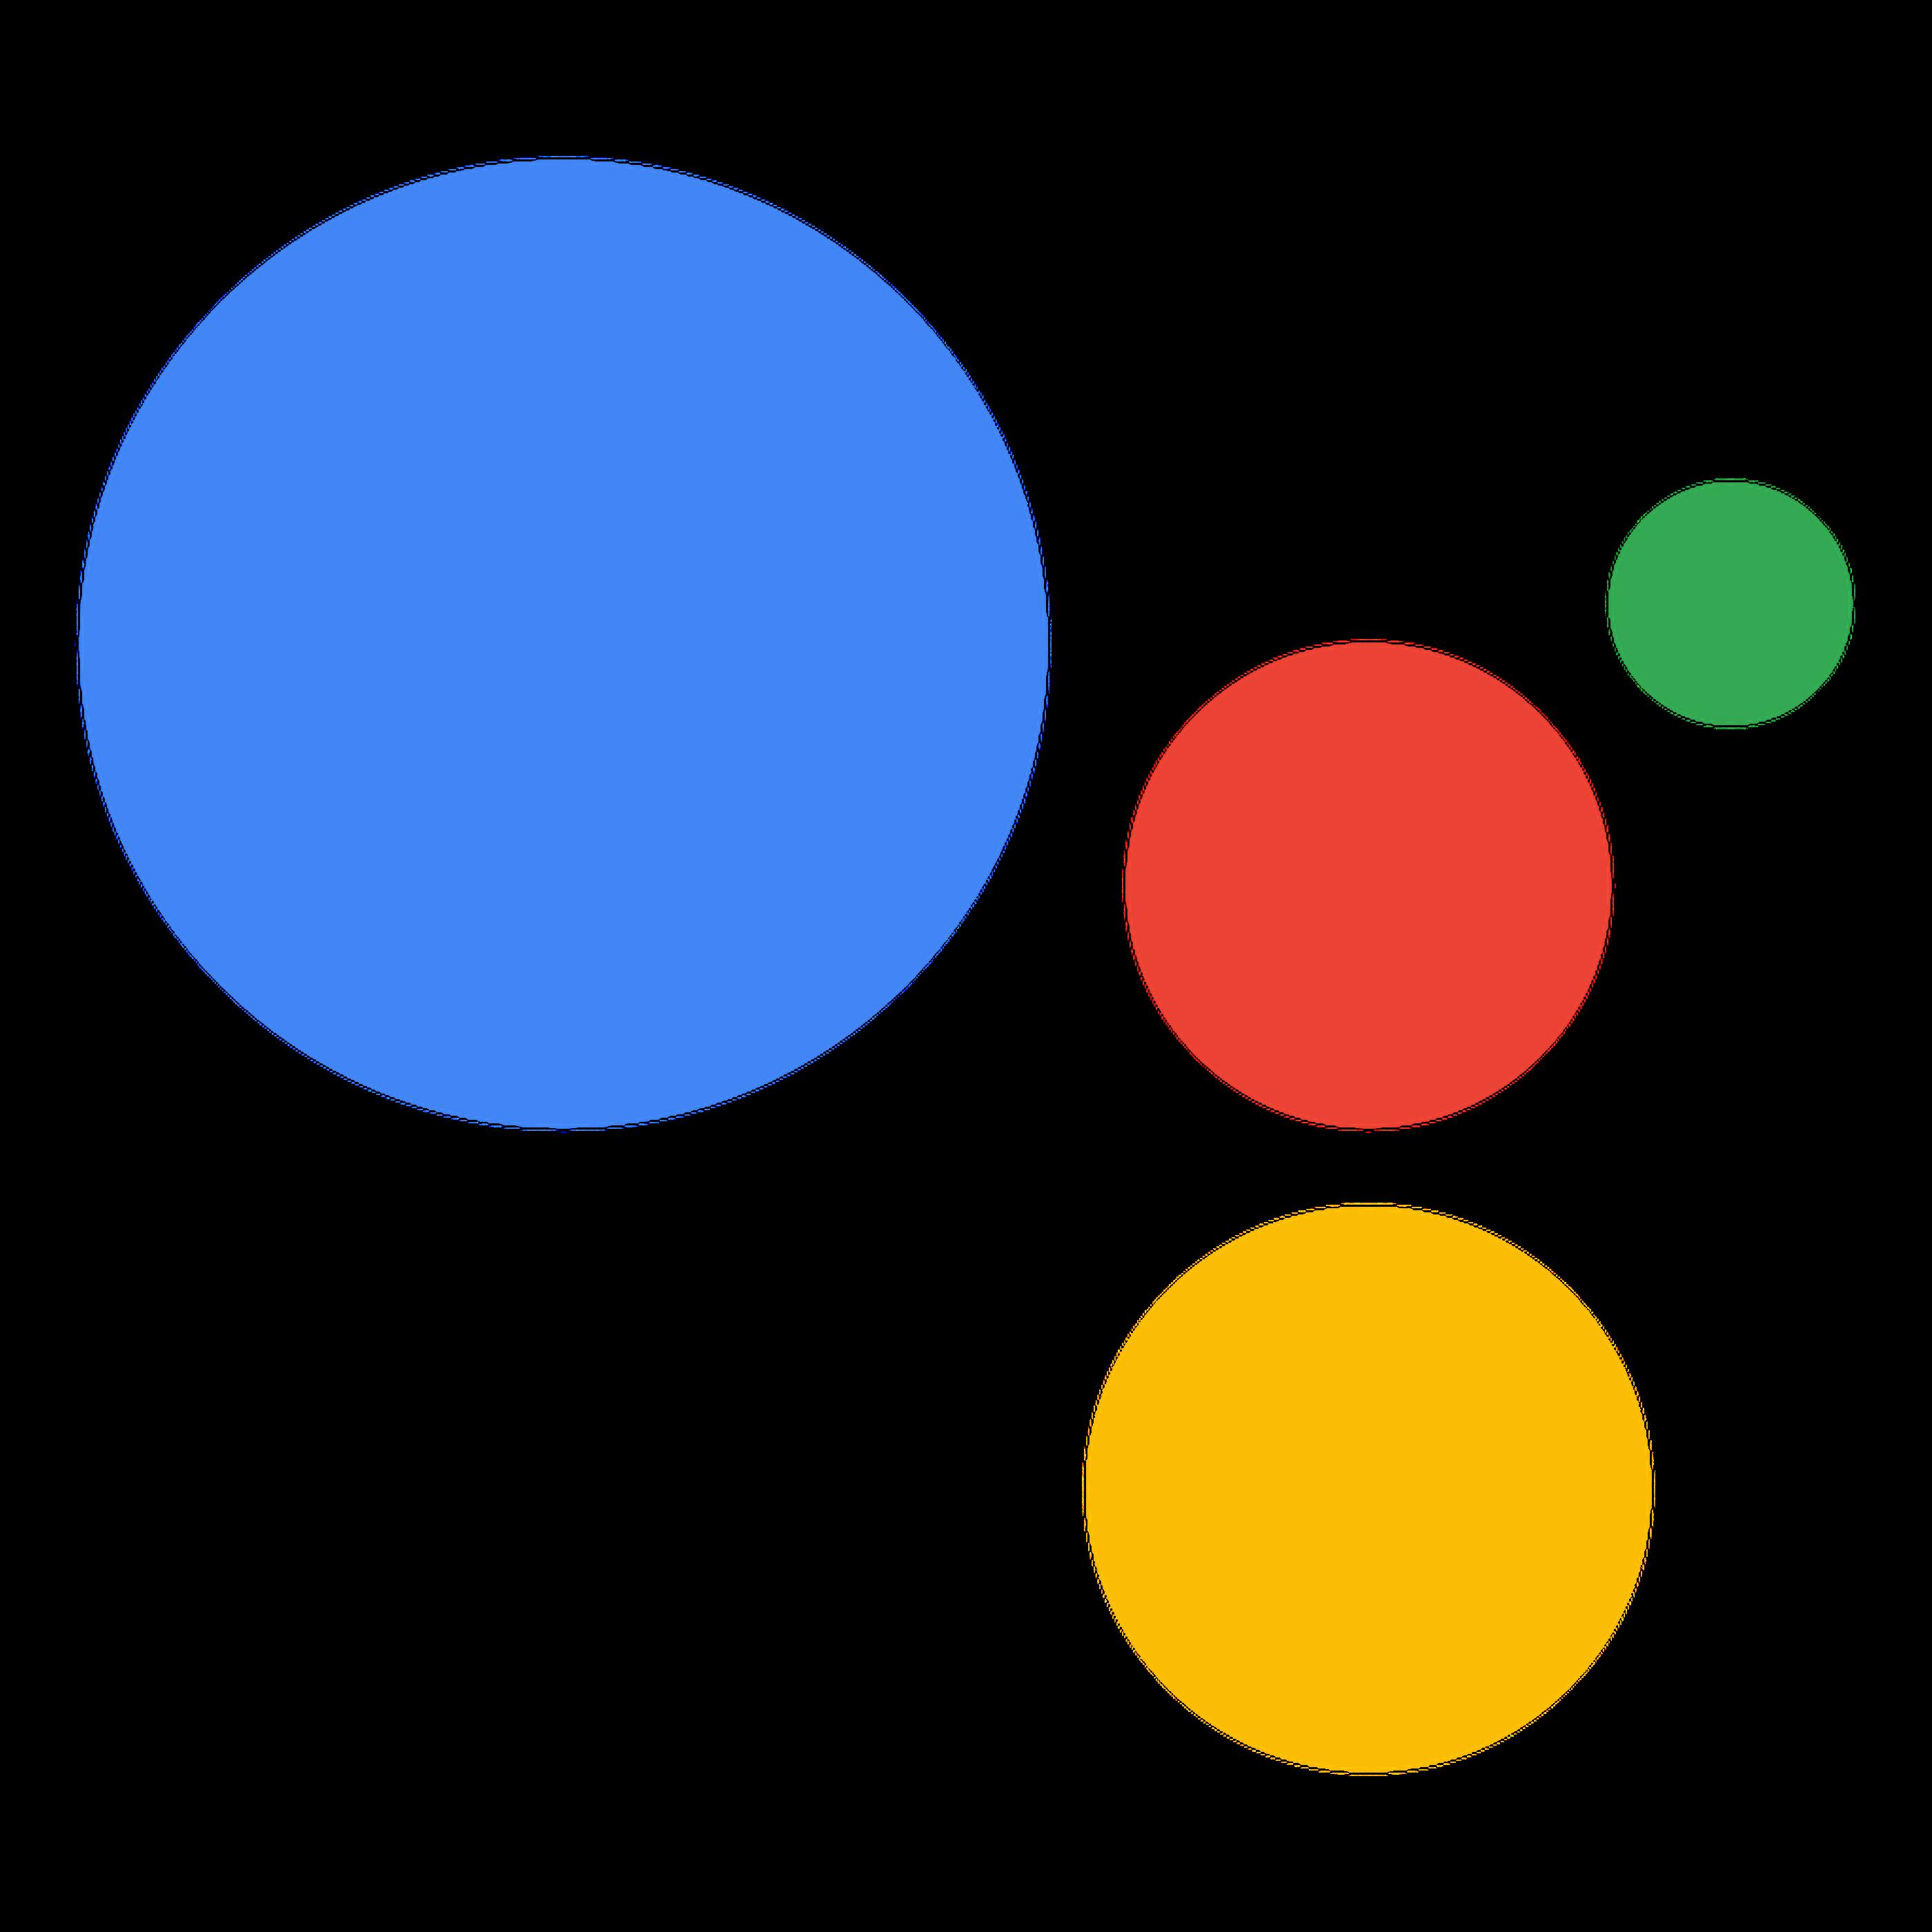 Asystent Google pozbywa się dymków. Będzie znacznie bardziej czytelnie